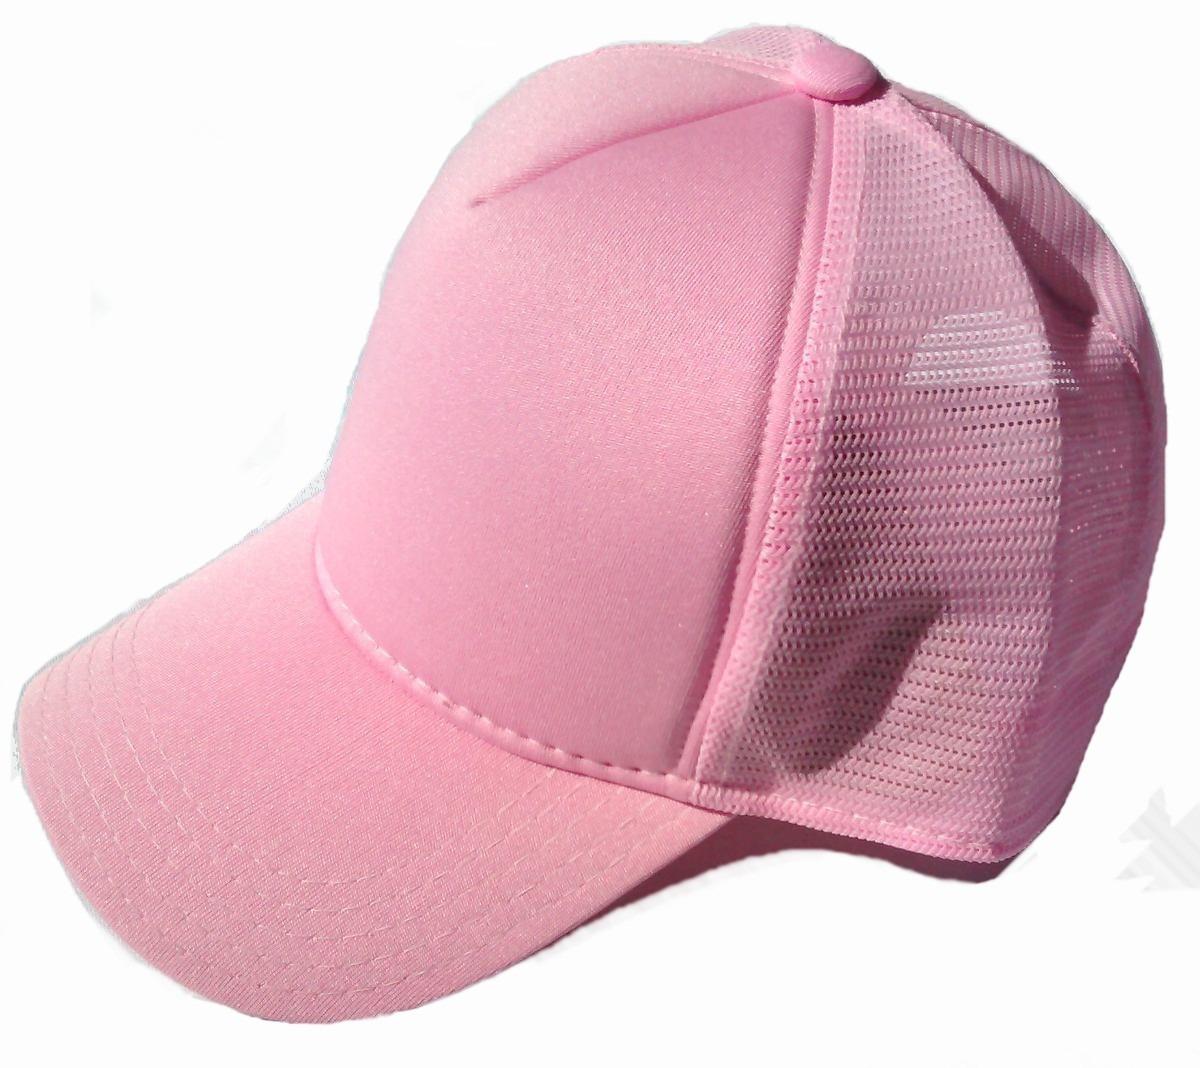 d4ab1c13e19ce boné rosa liso telinha trucker redinha snapback aba curva. Carregando zoom.